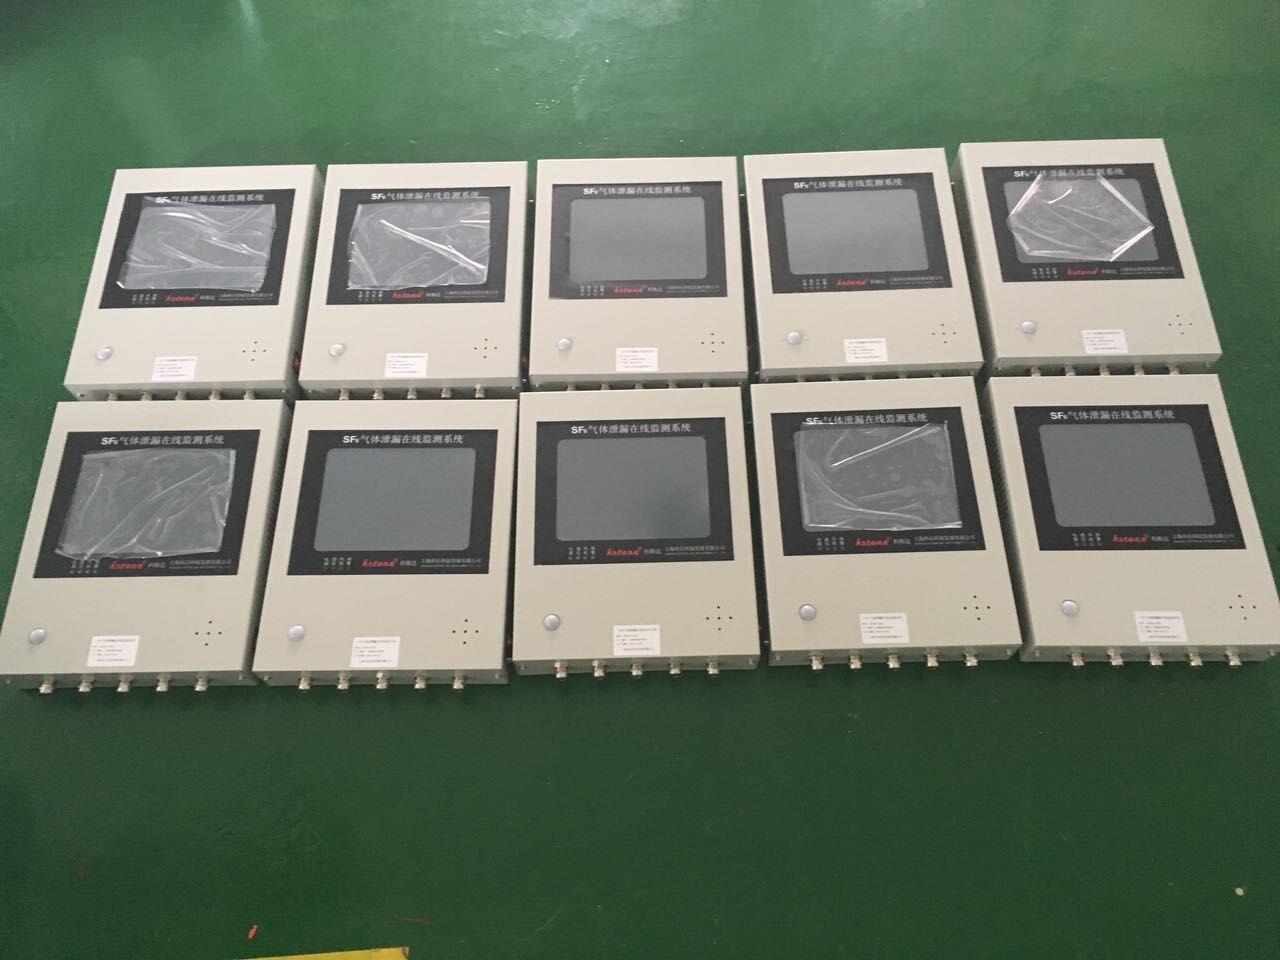 Nhà ga xép SF6 môi trường hệ thống giám sát rò rỉ ga xép hộp phân phối online